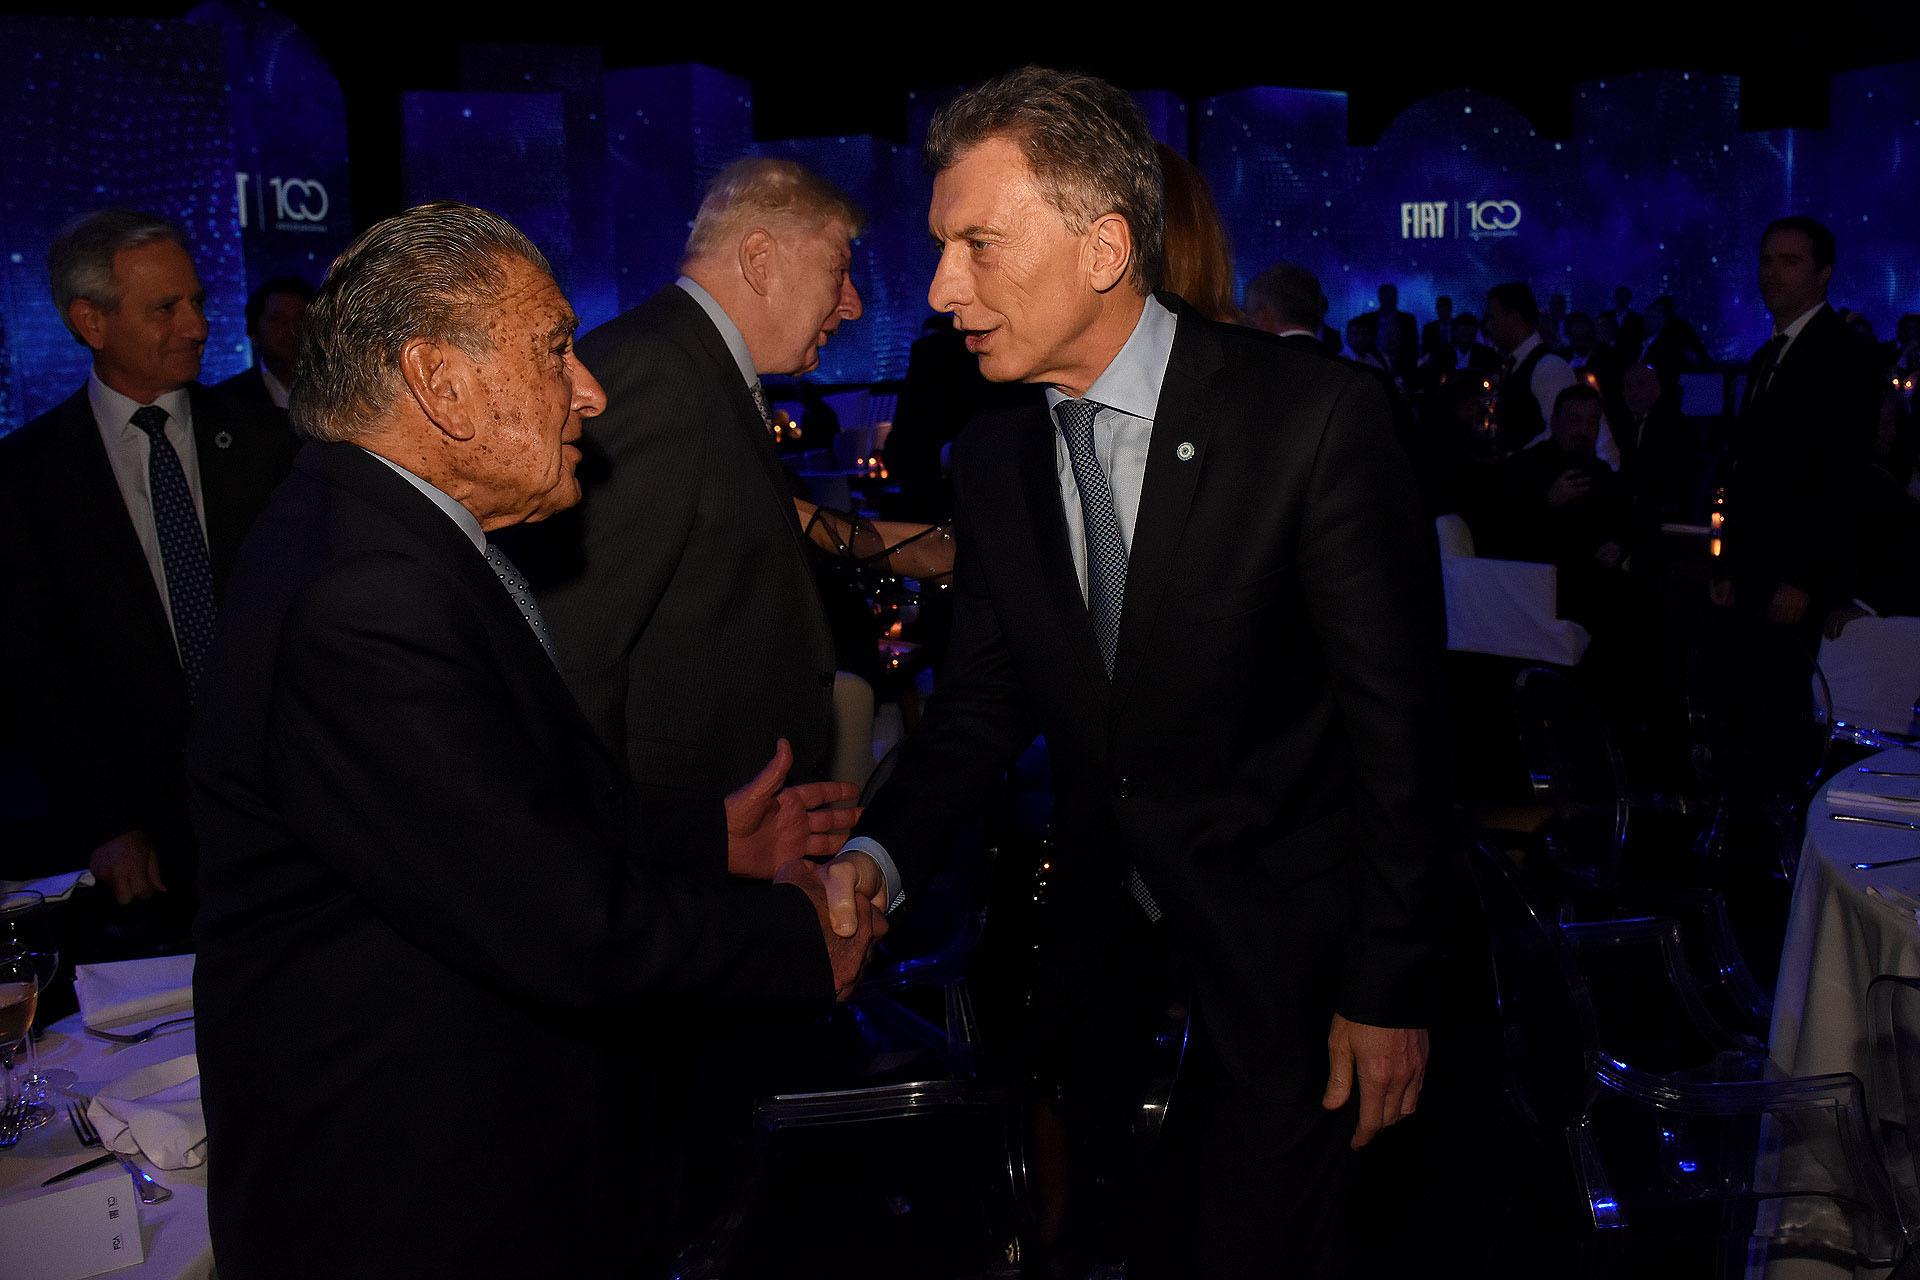 El saludo entre el empresario Eduardo Eurnekian y el presidente Mauricio Macri